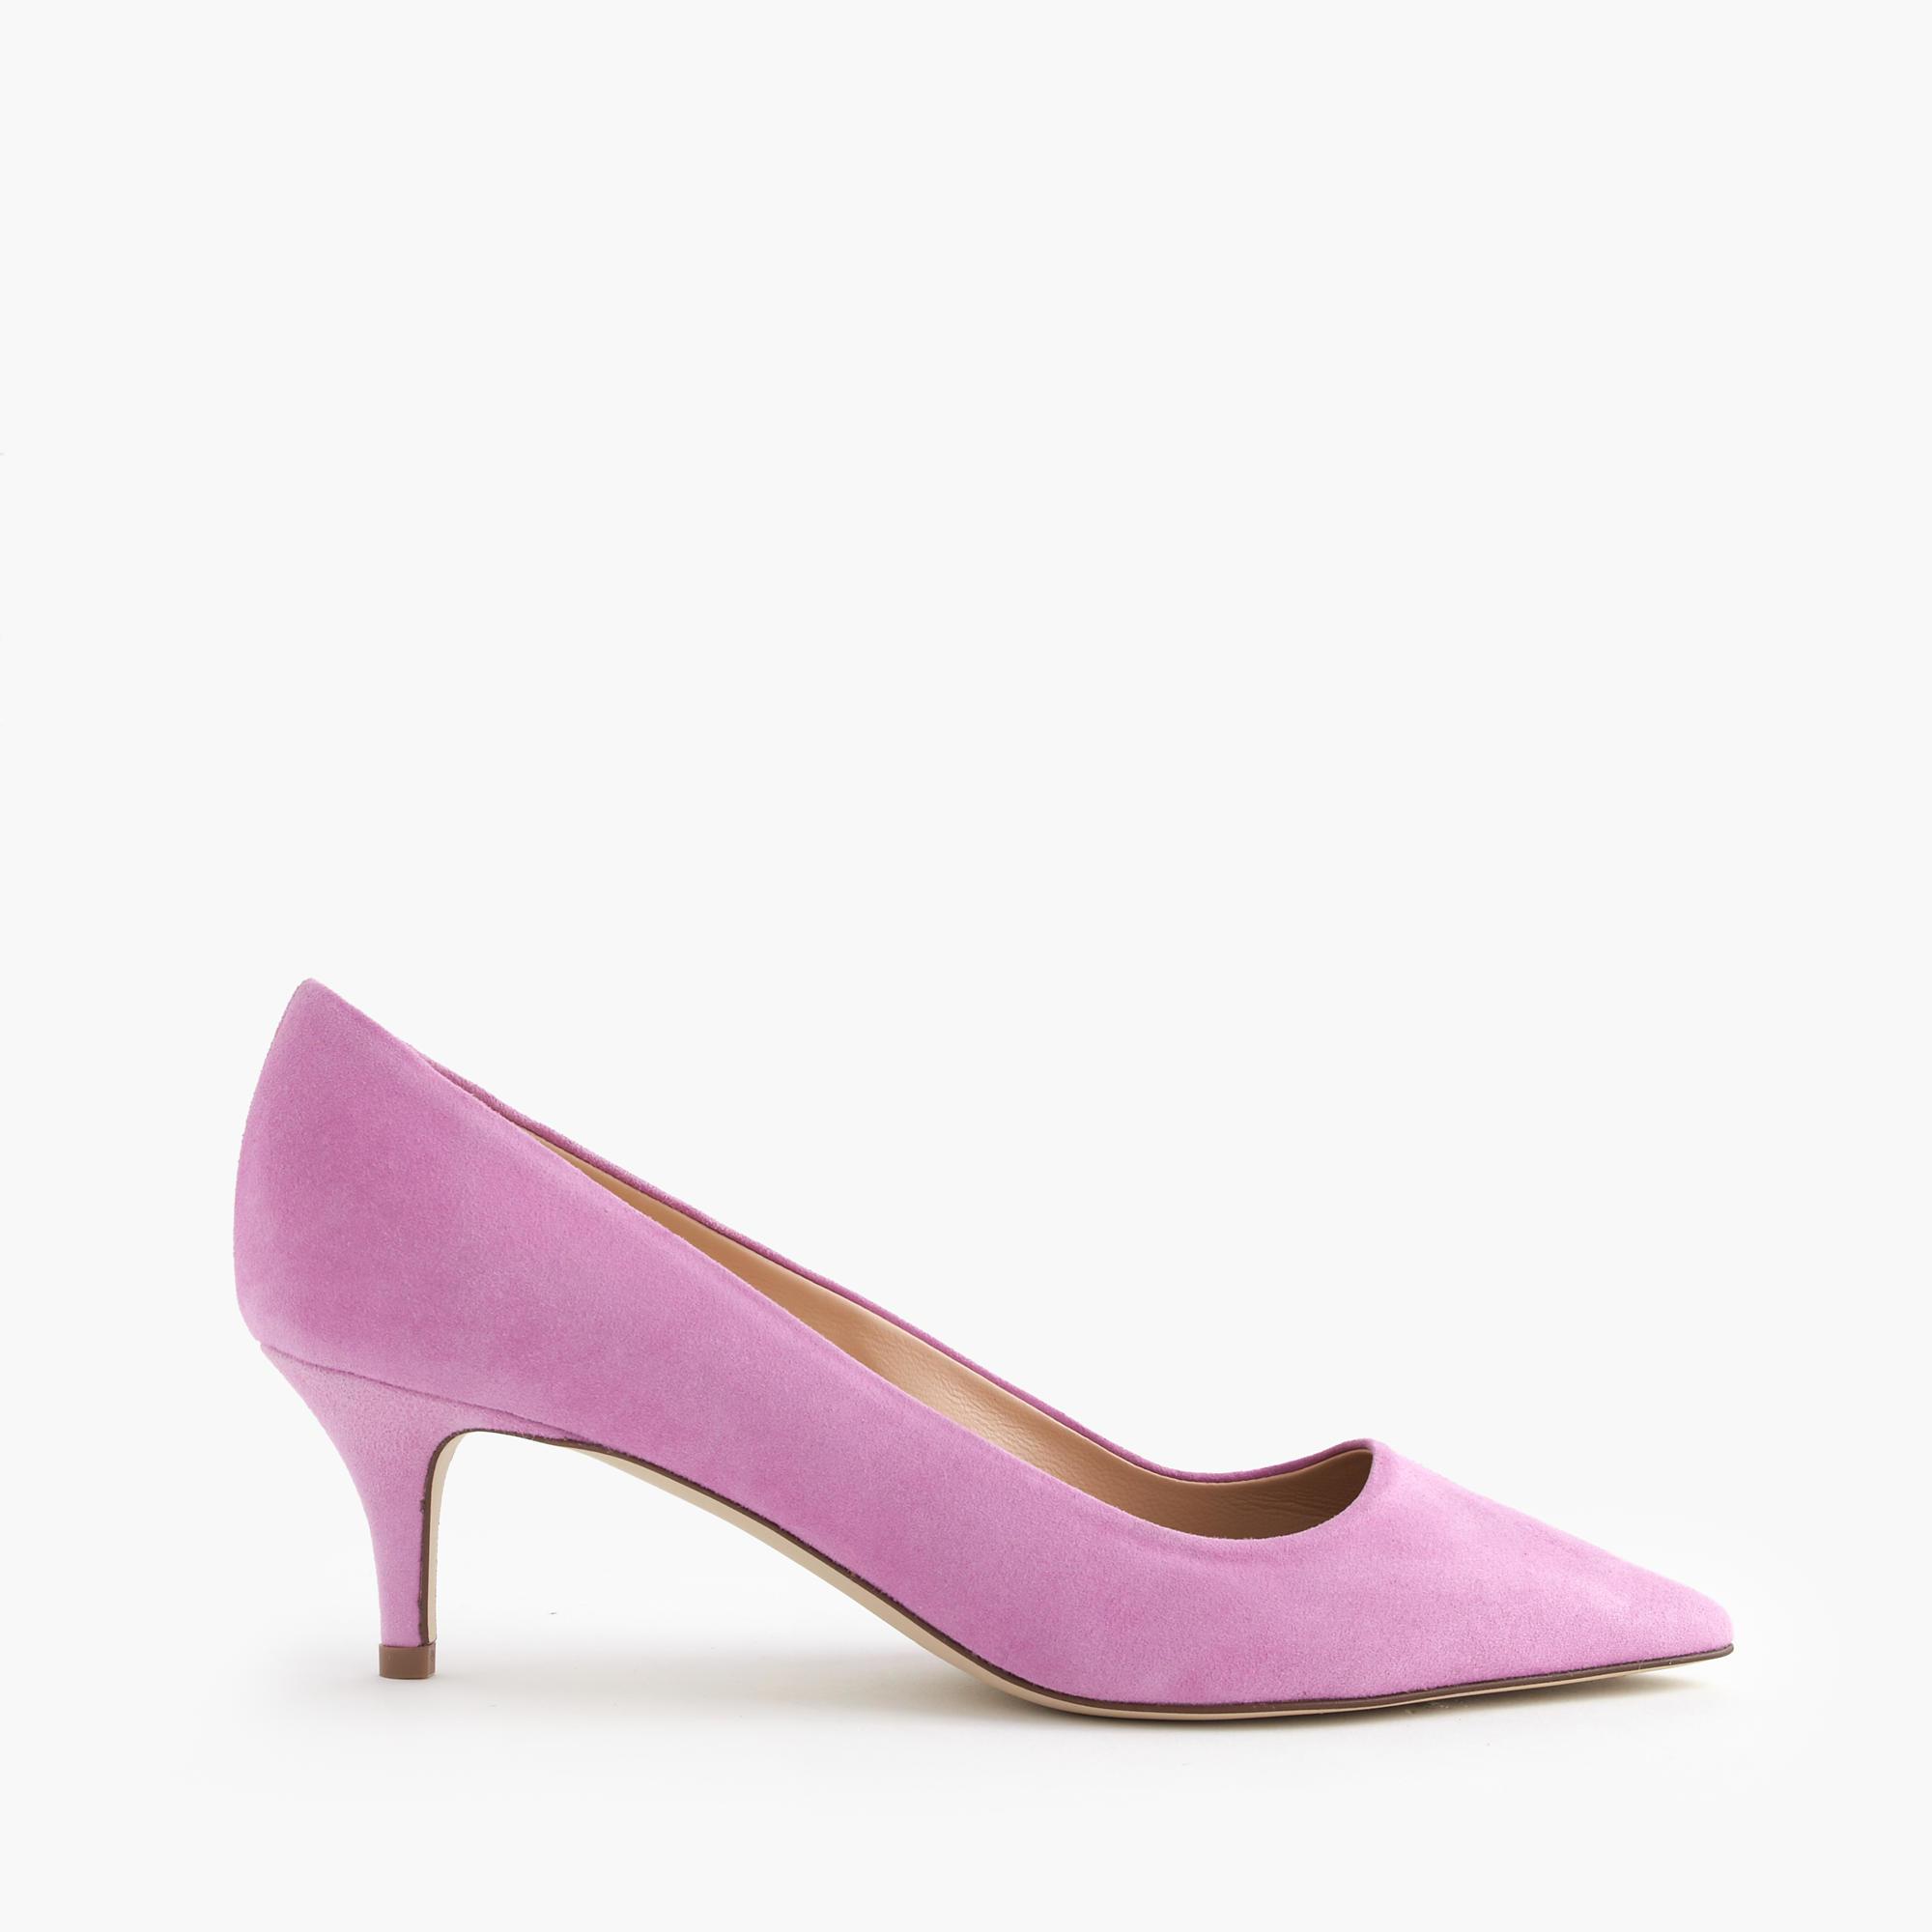 J.crew Dulci Suede Kitten Heels in Purple | Lyst